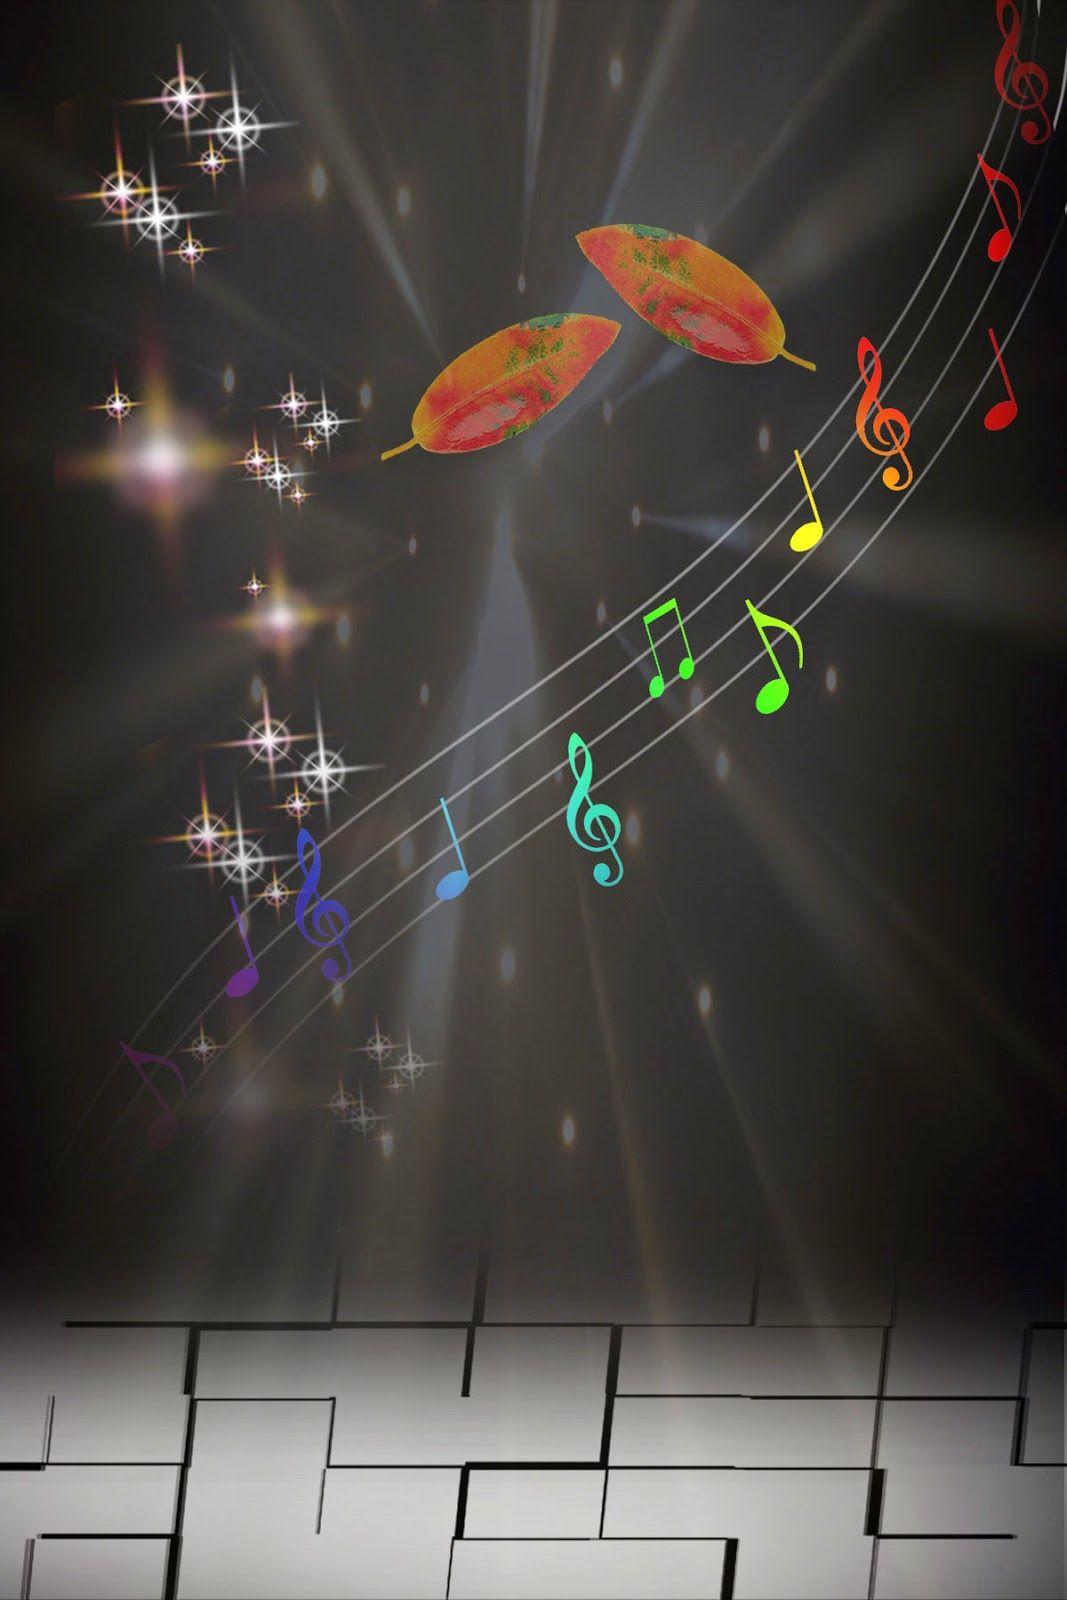 Studio Background Hd 1080p Deenan Studio Wedding Album Design